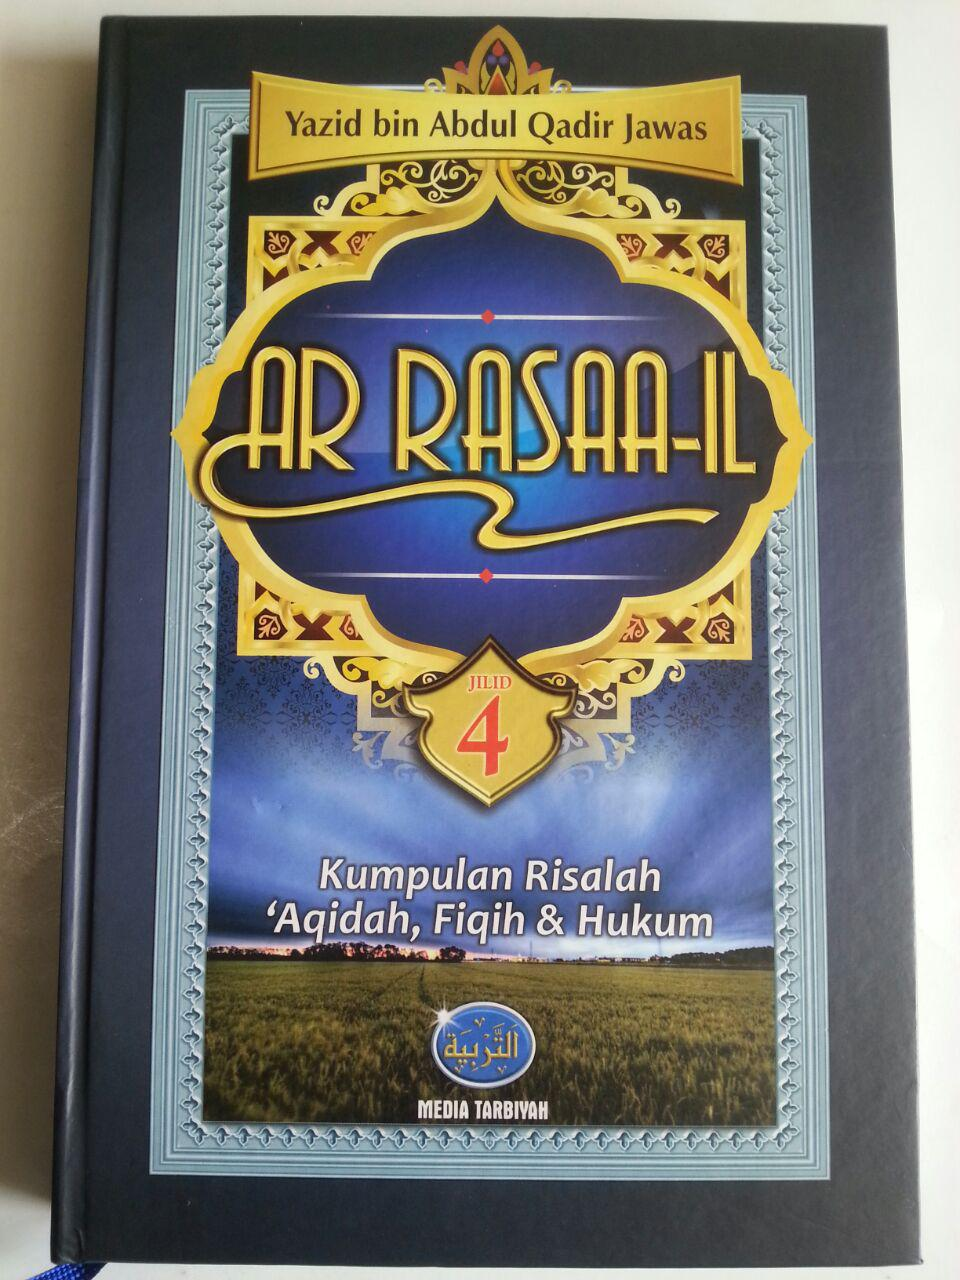 Buku Ar Rasaa-il Kumpulan Risalah Aqidah Fiqih Dan Hukum cover